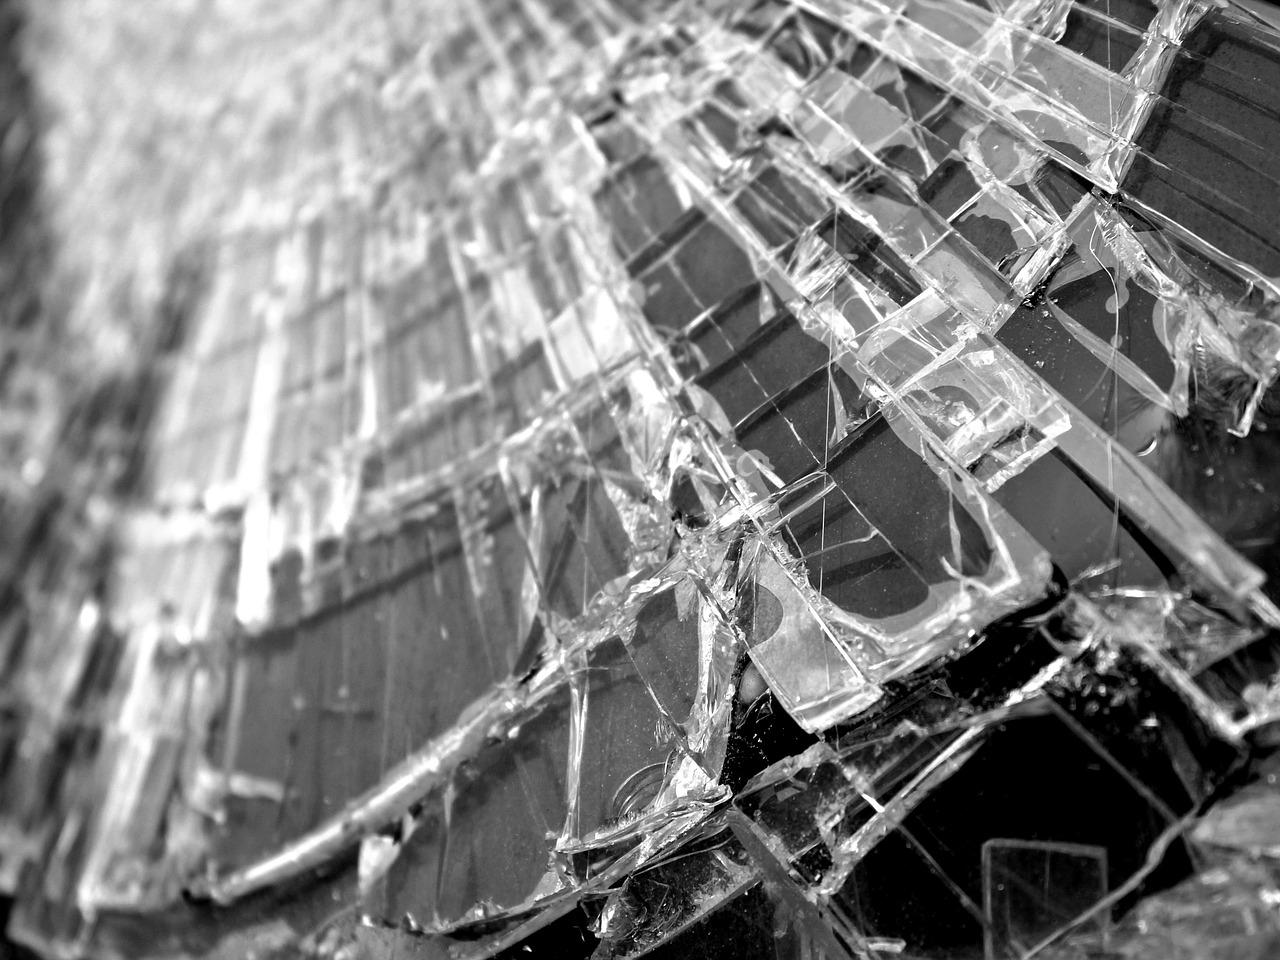 Три человека разбились в ДТП возле кубанской станицы